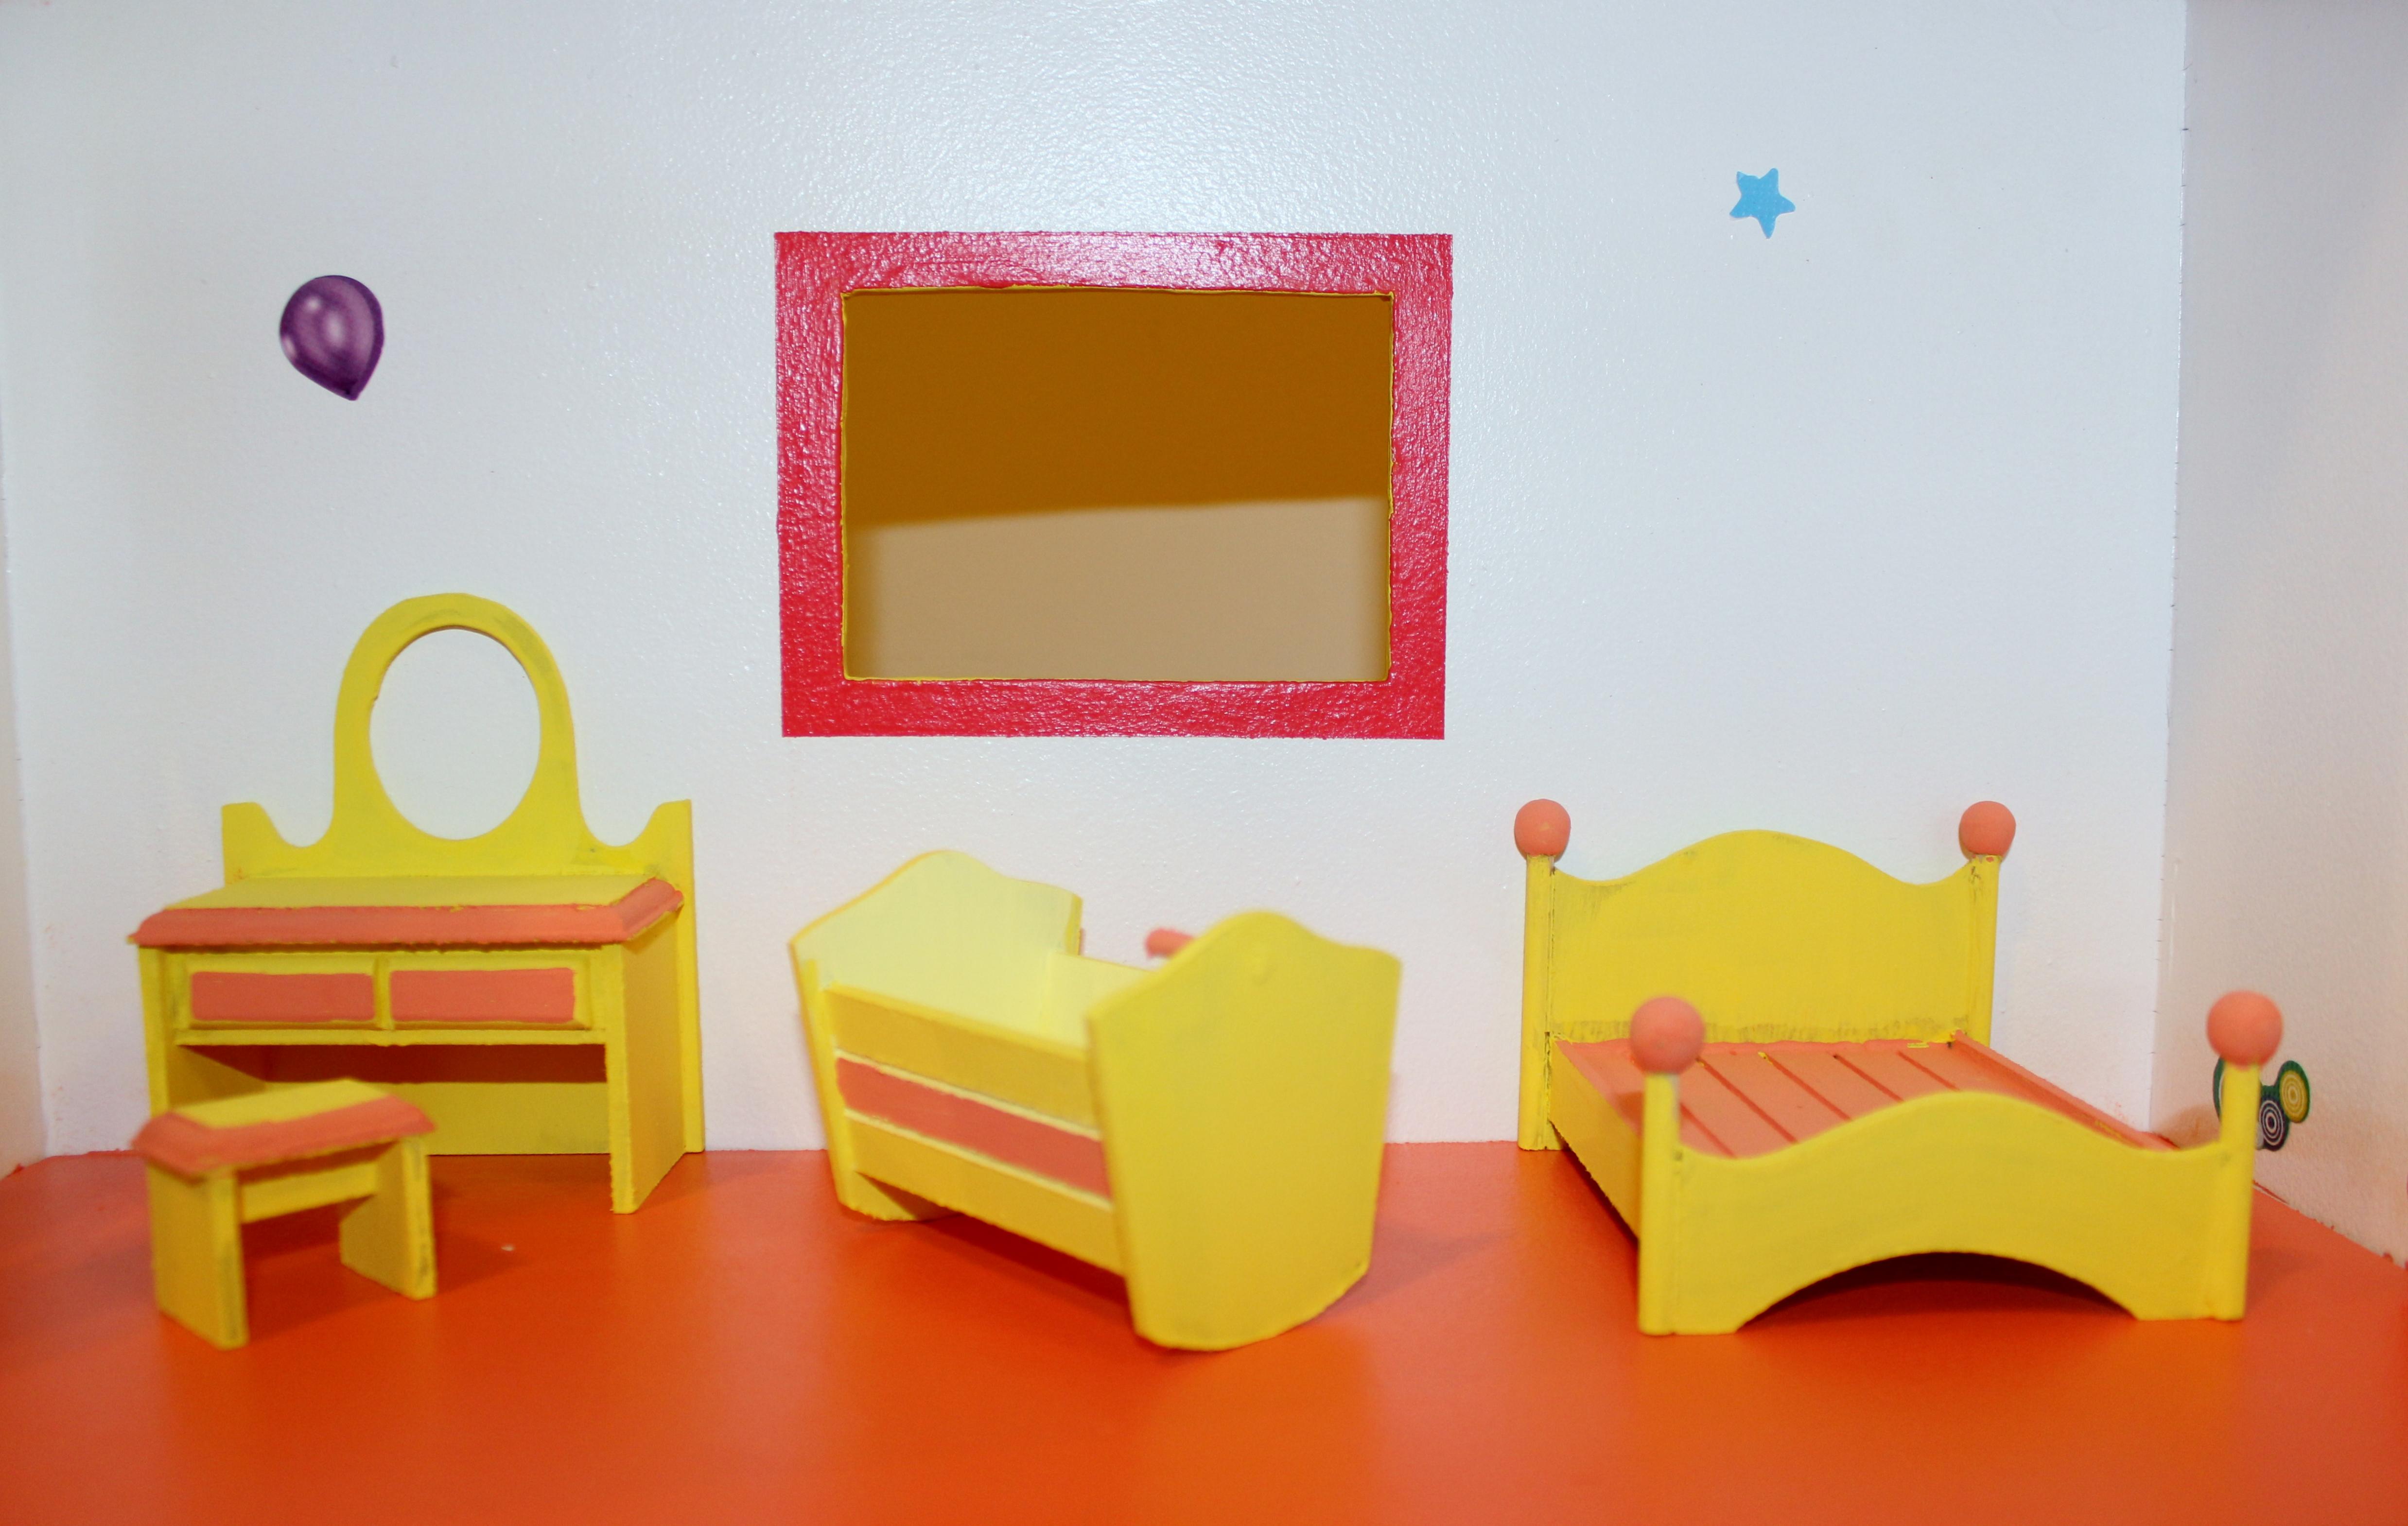 Quarto casinha boneca miniatura Brinquedos Lara Elo7 #9B5D05 4954x3140